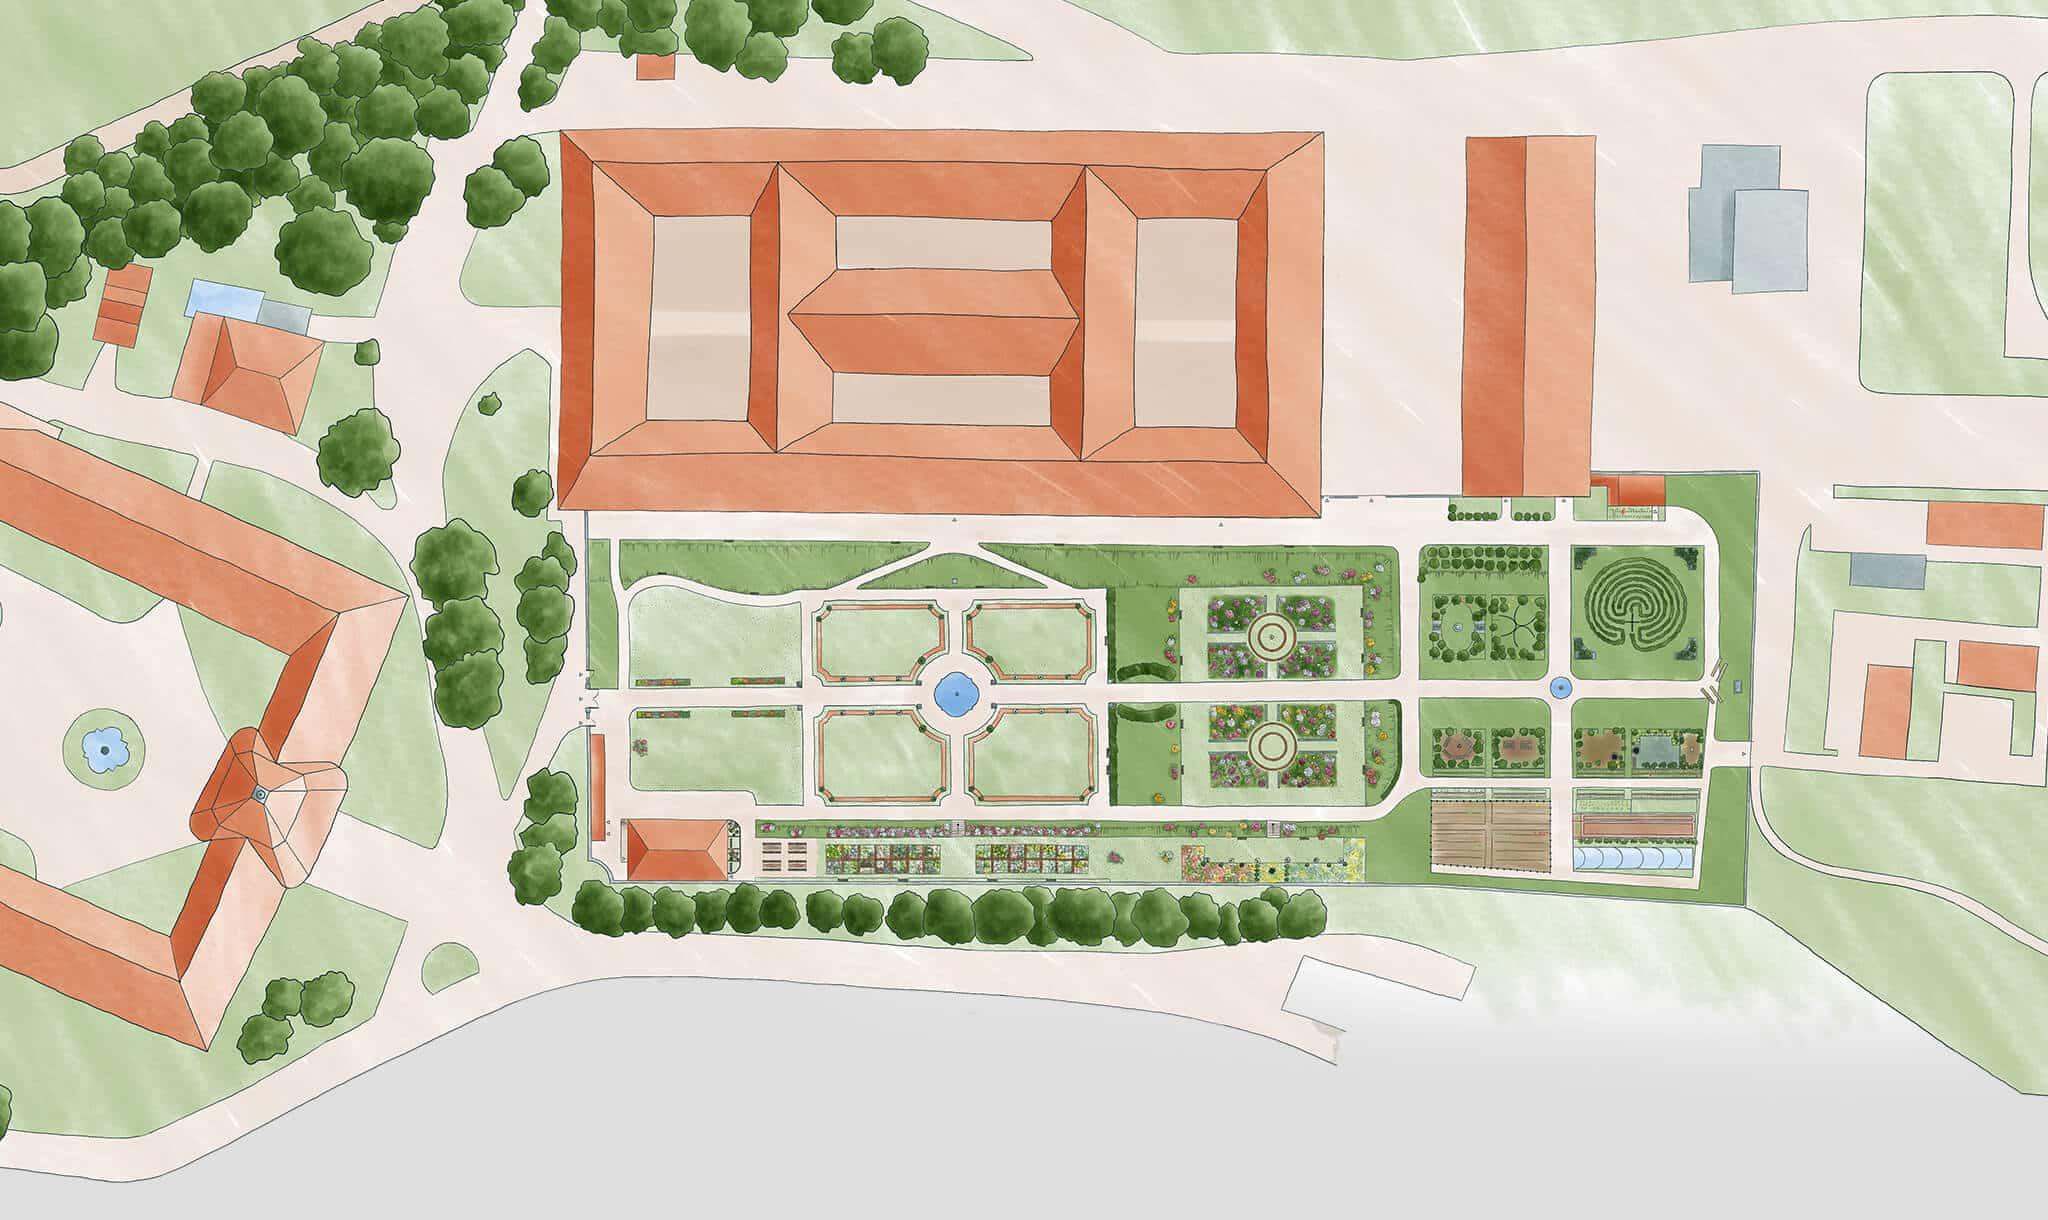 Gartenplan für den Hofgarten des Stifts Seitenstetten